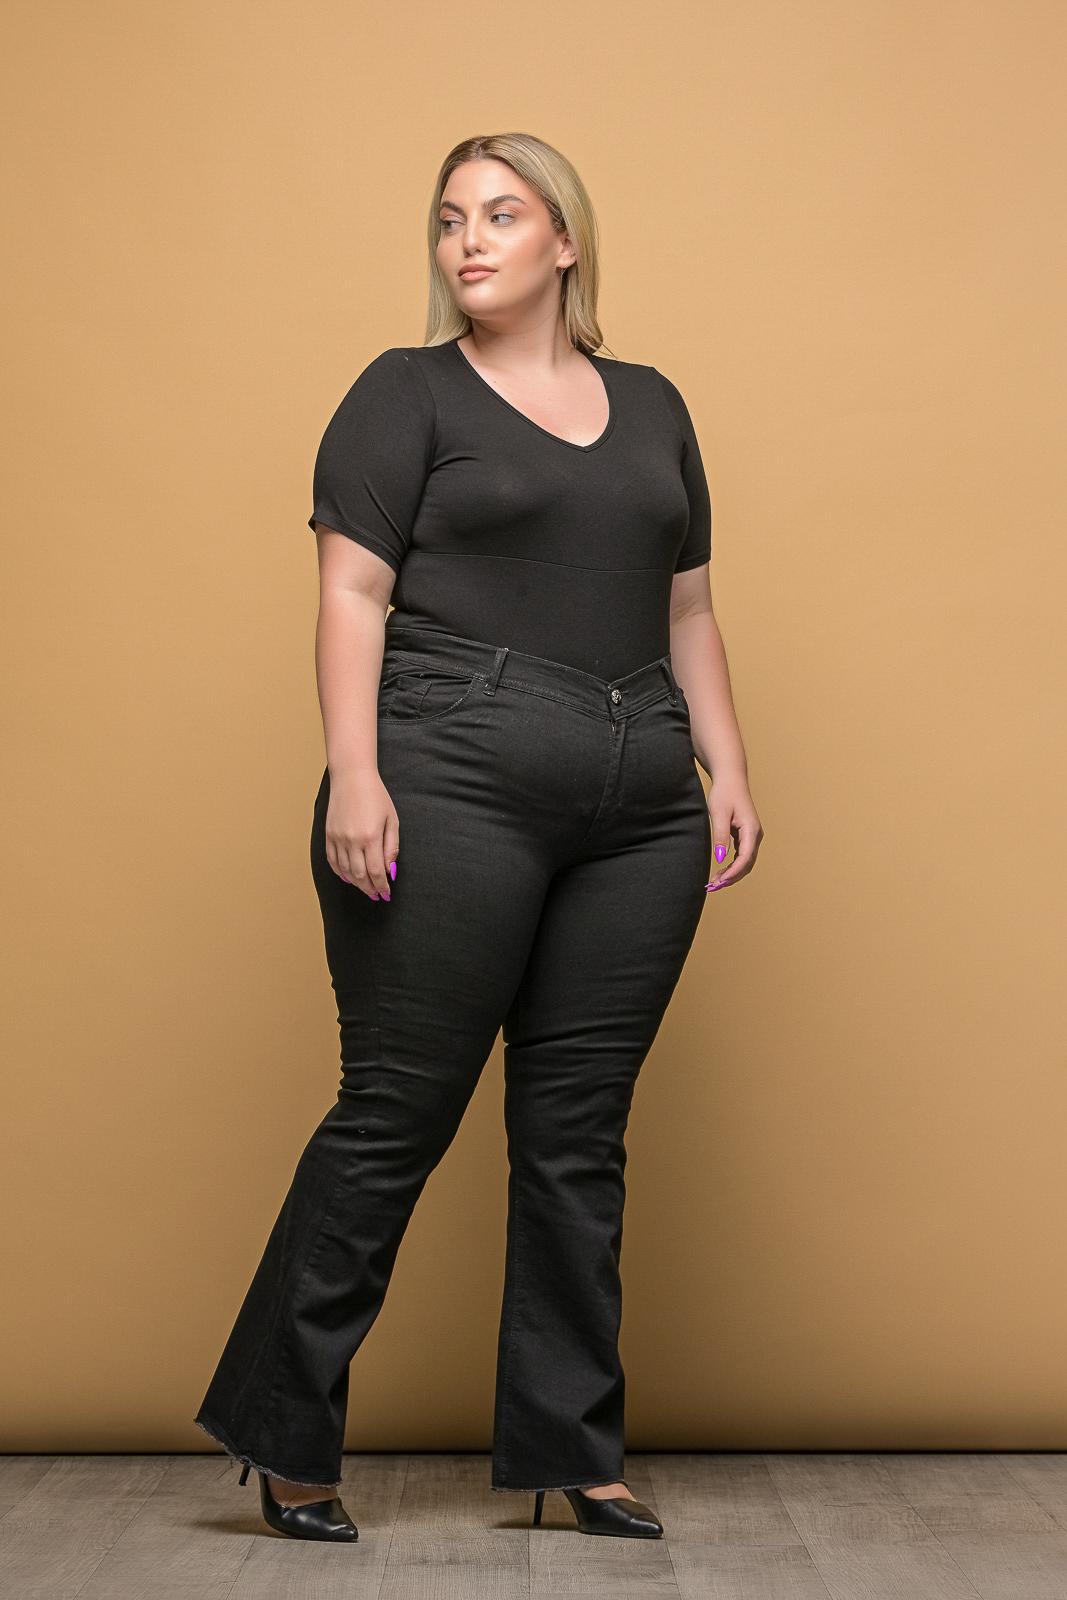 Τζιν +Psx μεγάλα μεγέθη ελαστικό μαύρο καμπάνα με ξέφτια στο τελείωμα.Στο eshop μας θα βρείτε οικονομικά γυναίκεια ρούχα σε μεγάλα μεγέθη και υπερμεγέθη.